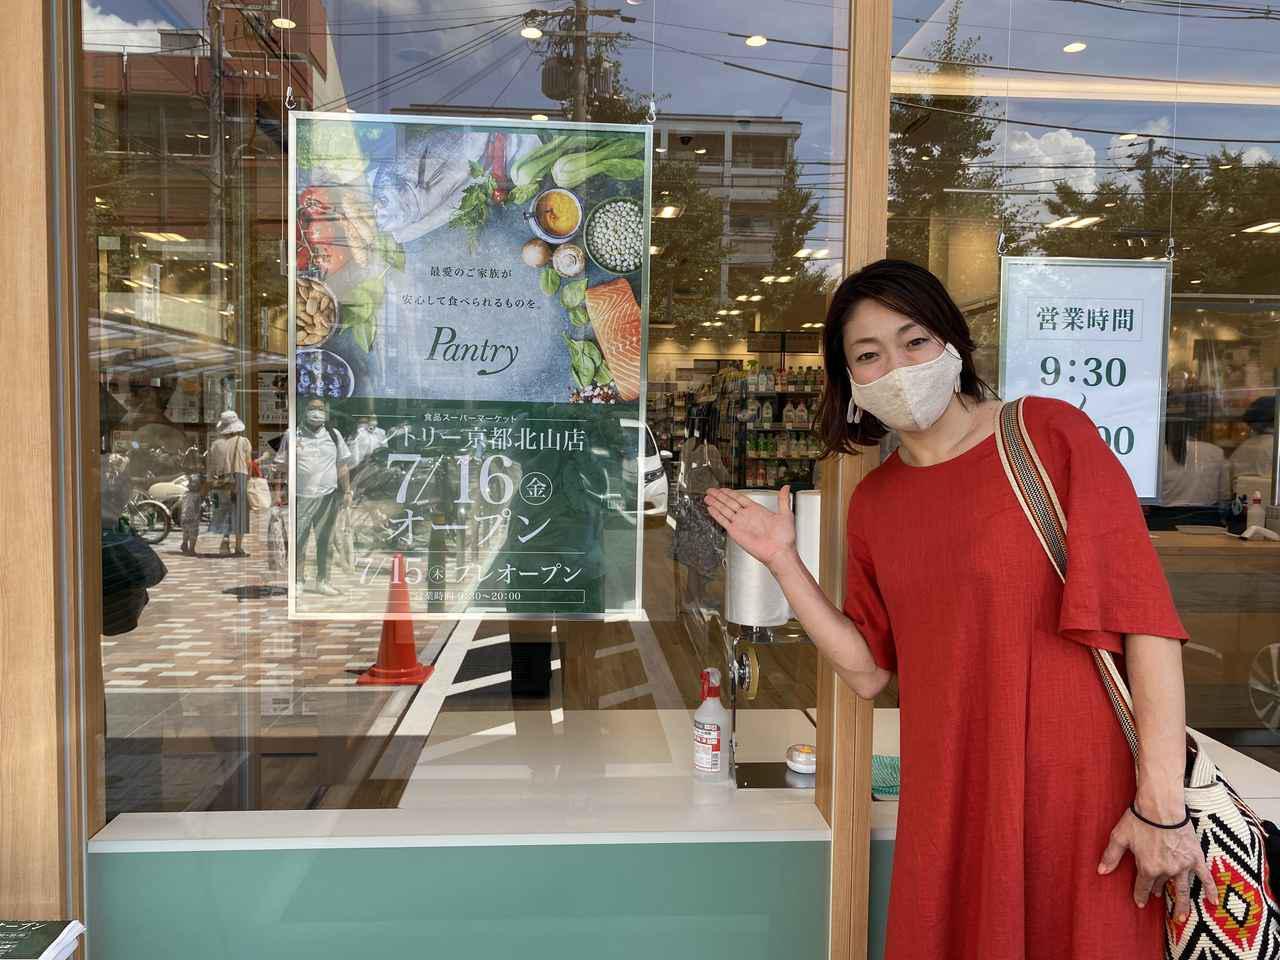 画像1: ★ 今日は「パントリー京都北山店」グランドオープン ★